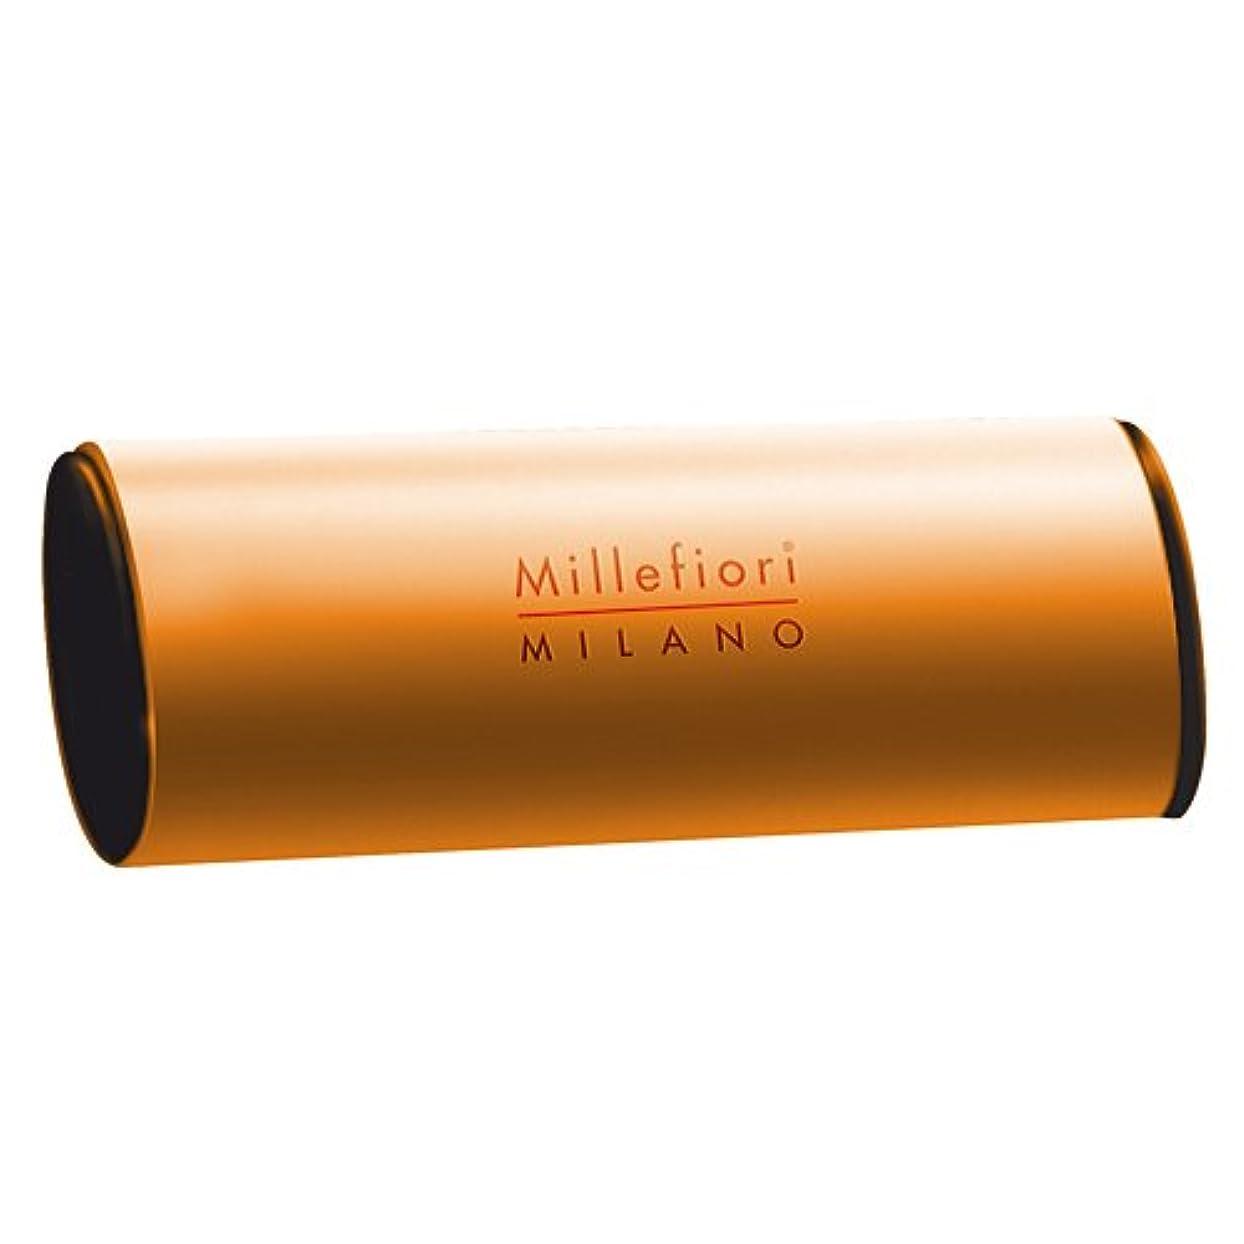 買うも飽和するMillefiori カーエアーフレッシュナー オレンジ オレンジティー CDIF-A-003